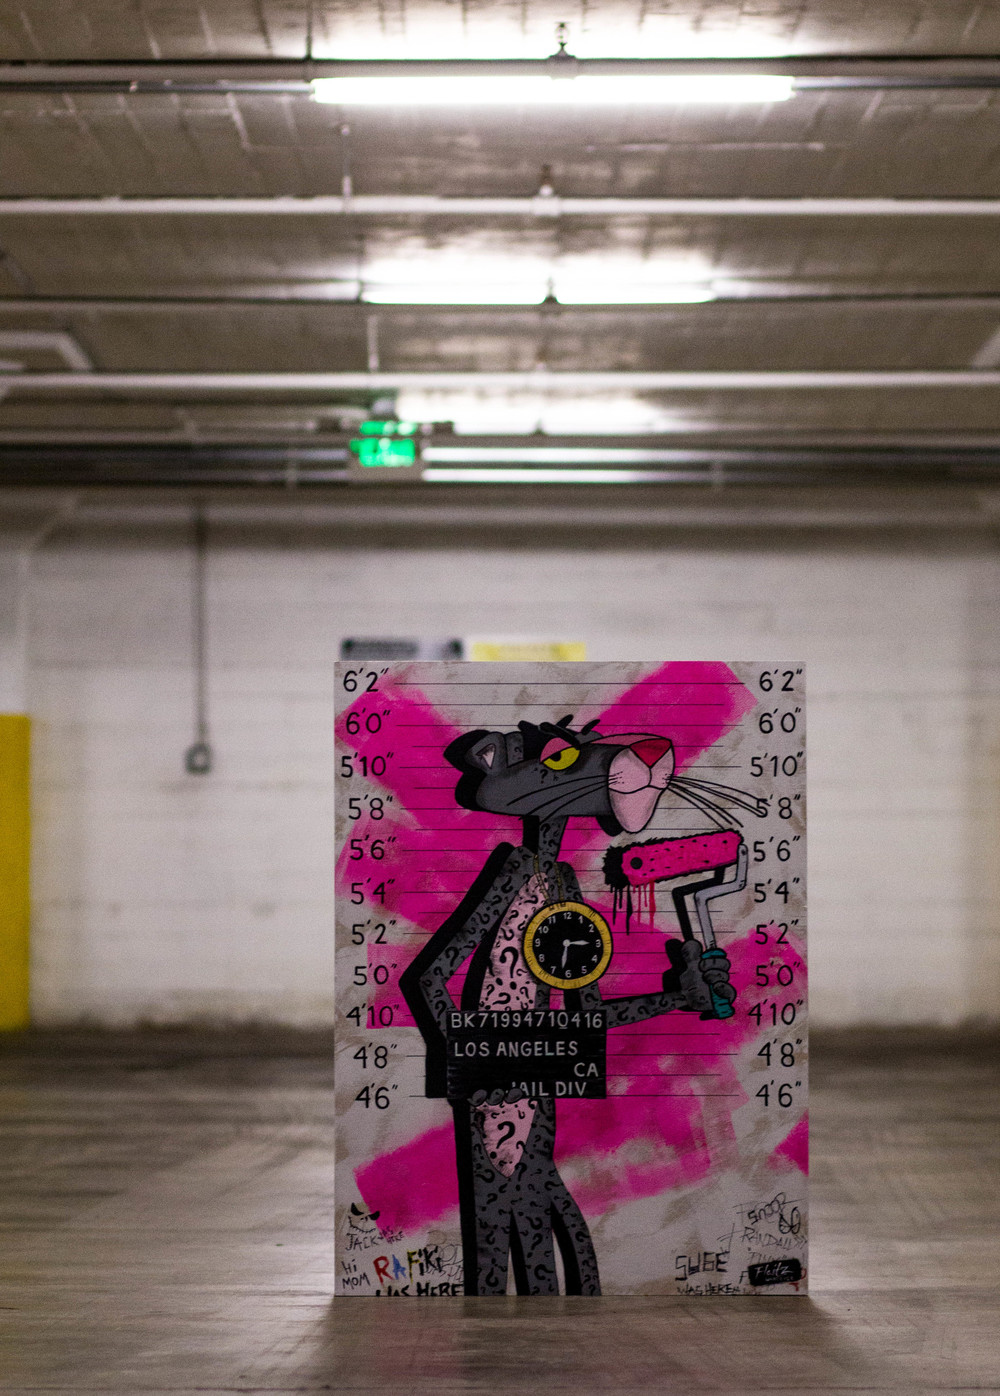 PinkPantherParkingGarage-59.jpg